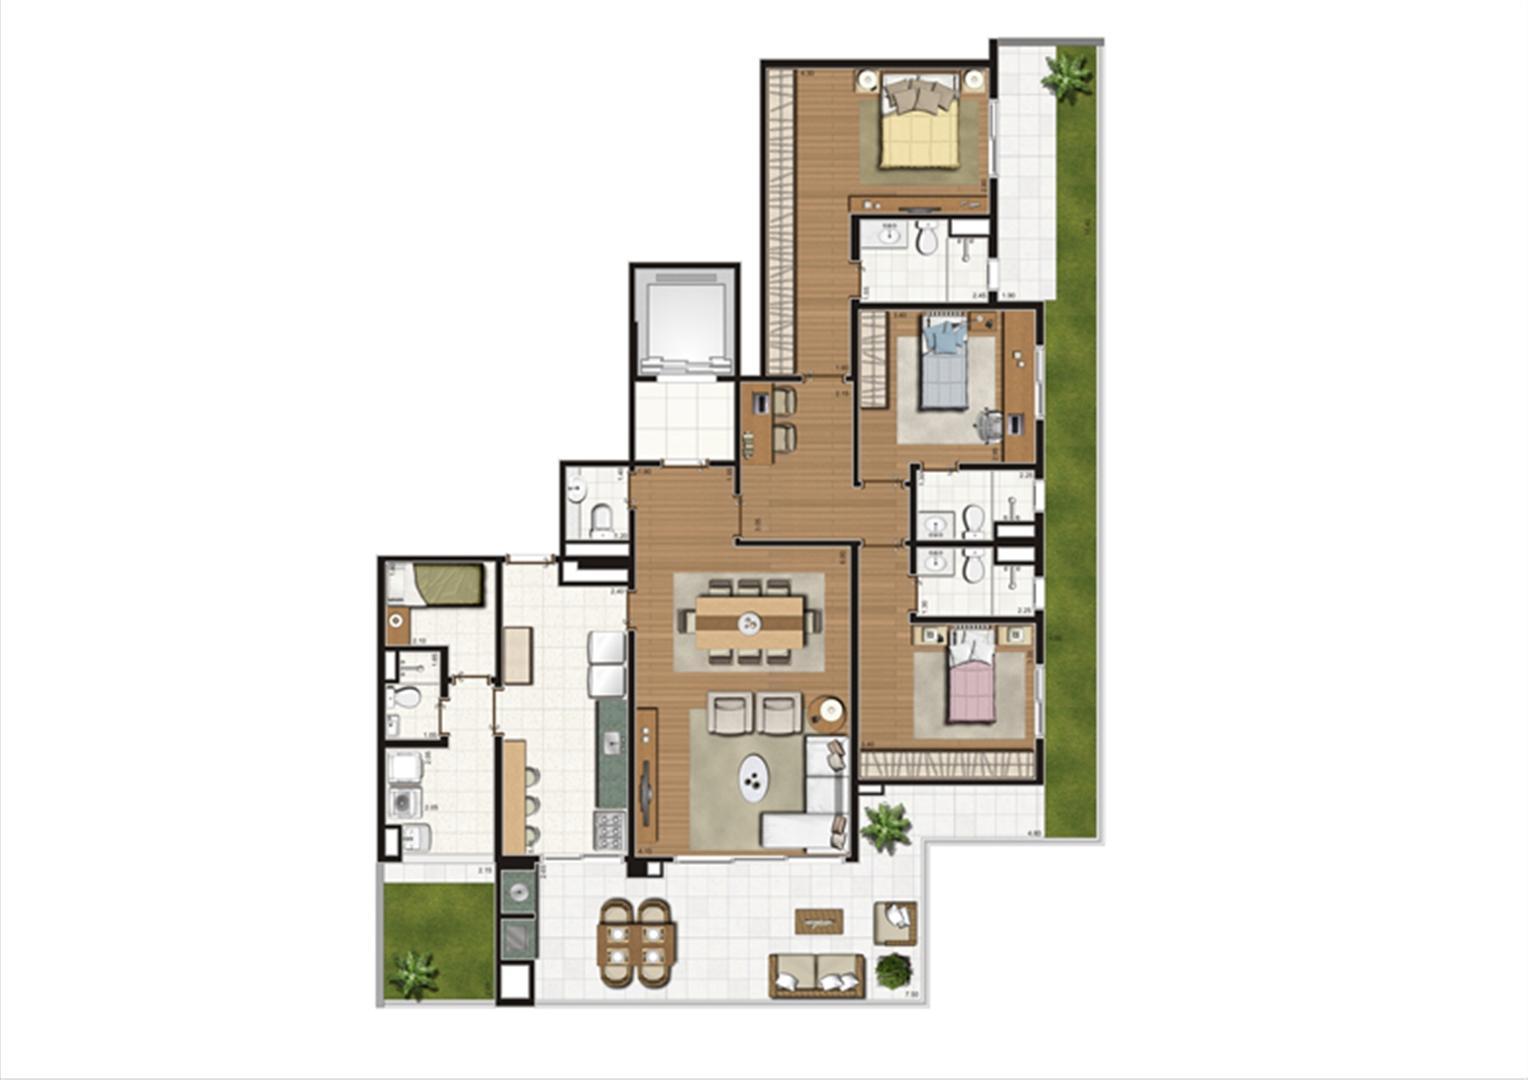 Planta Giardino 180 m² | Luzes da Mooca - Villaggio Luna – Apartamento na  Mooca - São Paulo - São Paulo